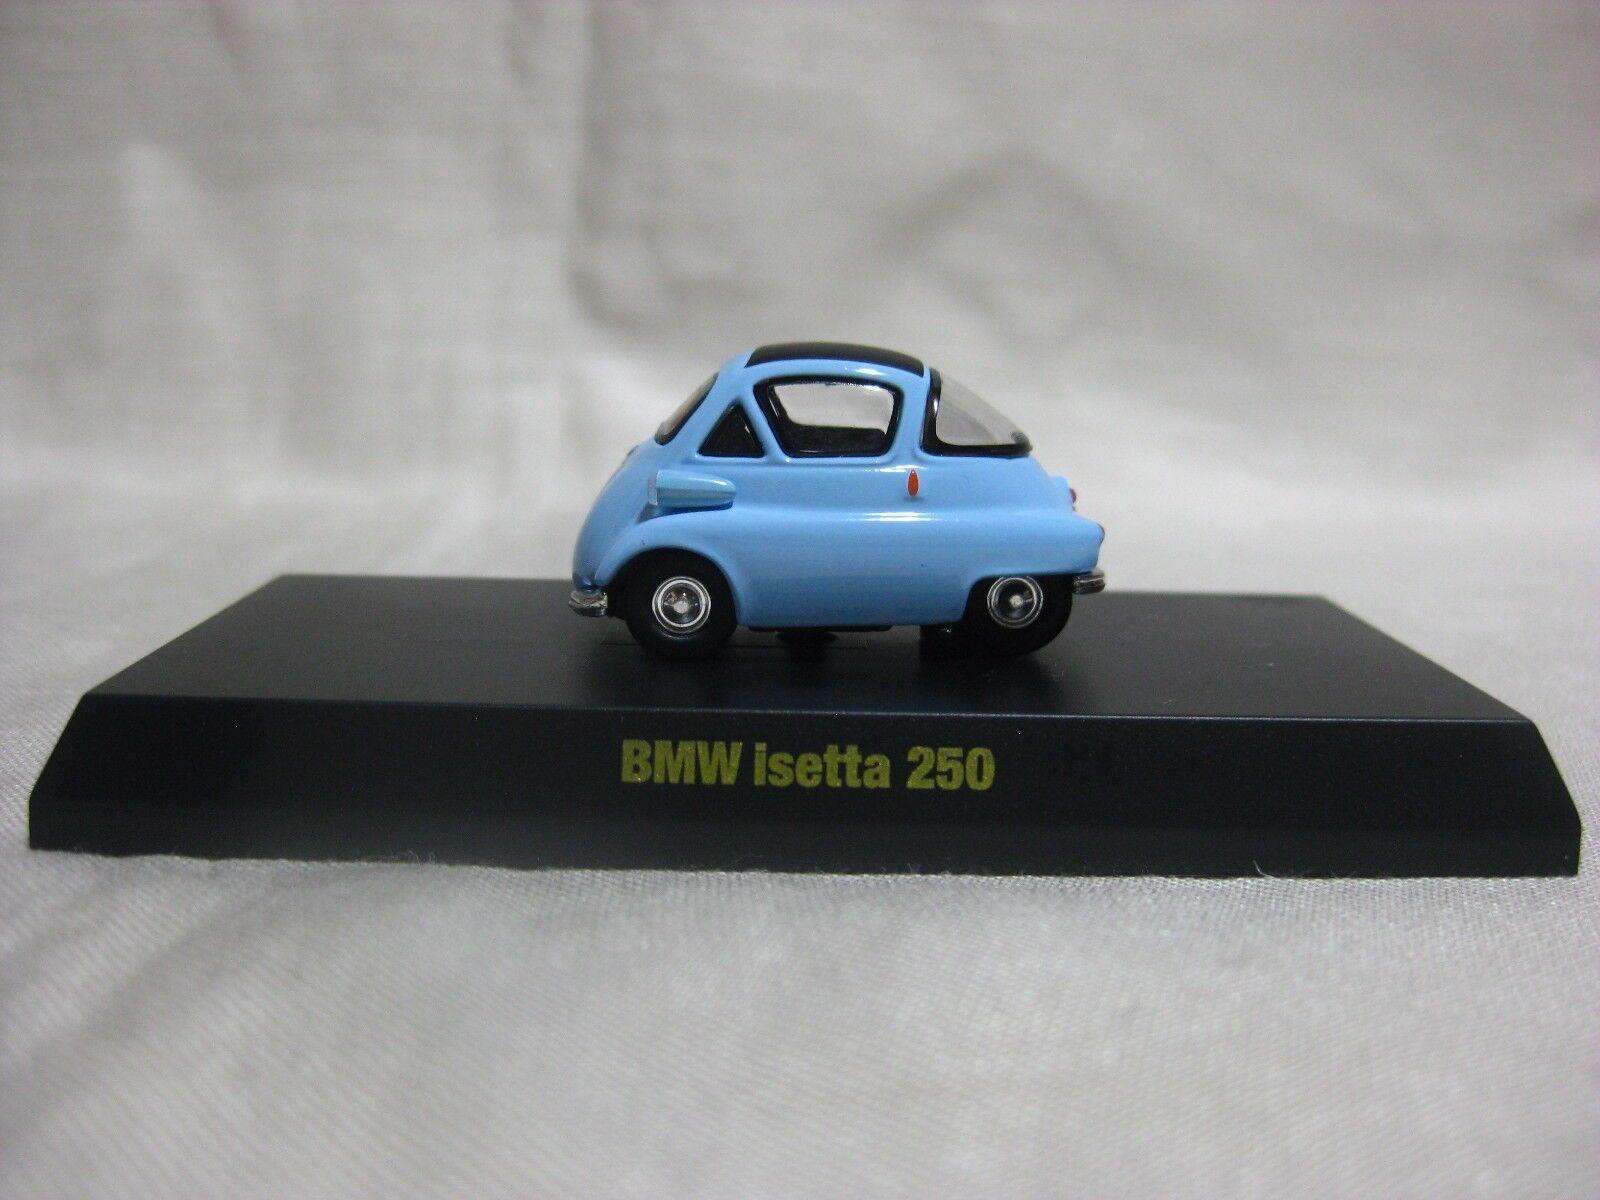 1 64 Kyosho BMW Isetta 250 blå tärningskast modelllllerler bil